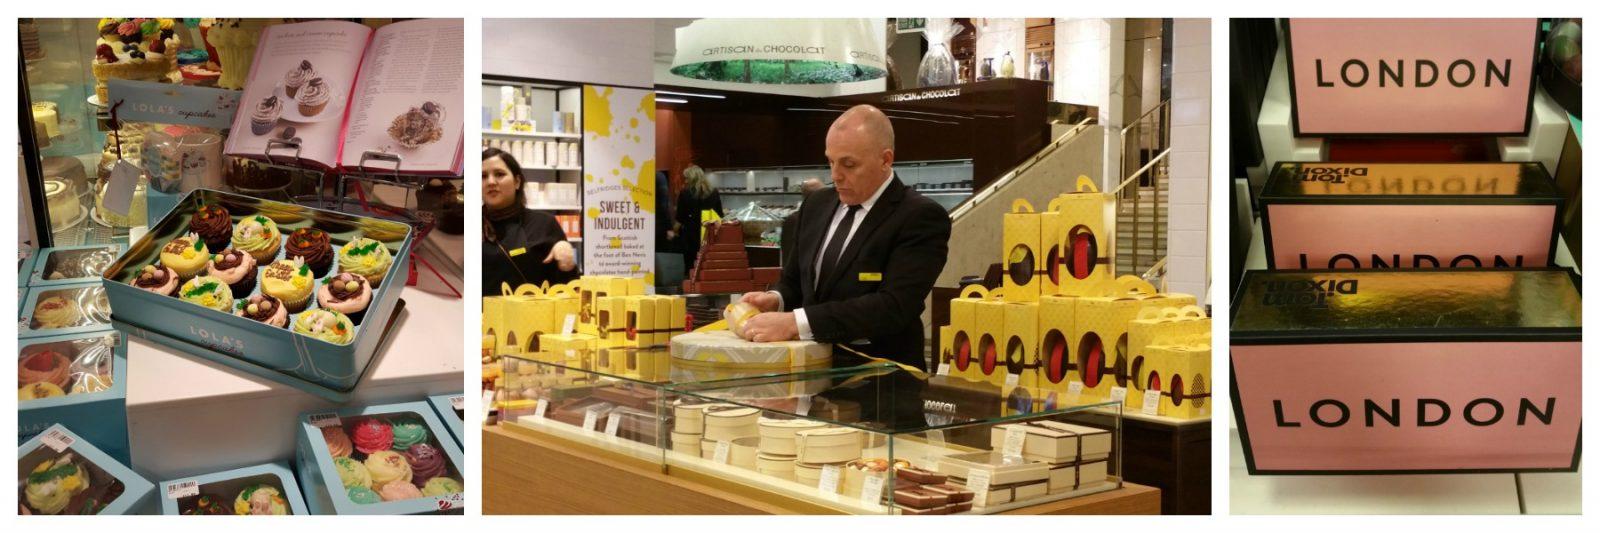 Easter eggs, chocolate, Easter in London, Selfridges, Cadbury